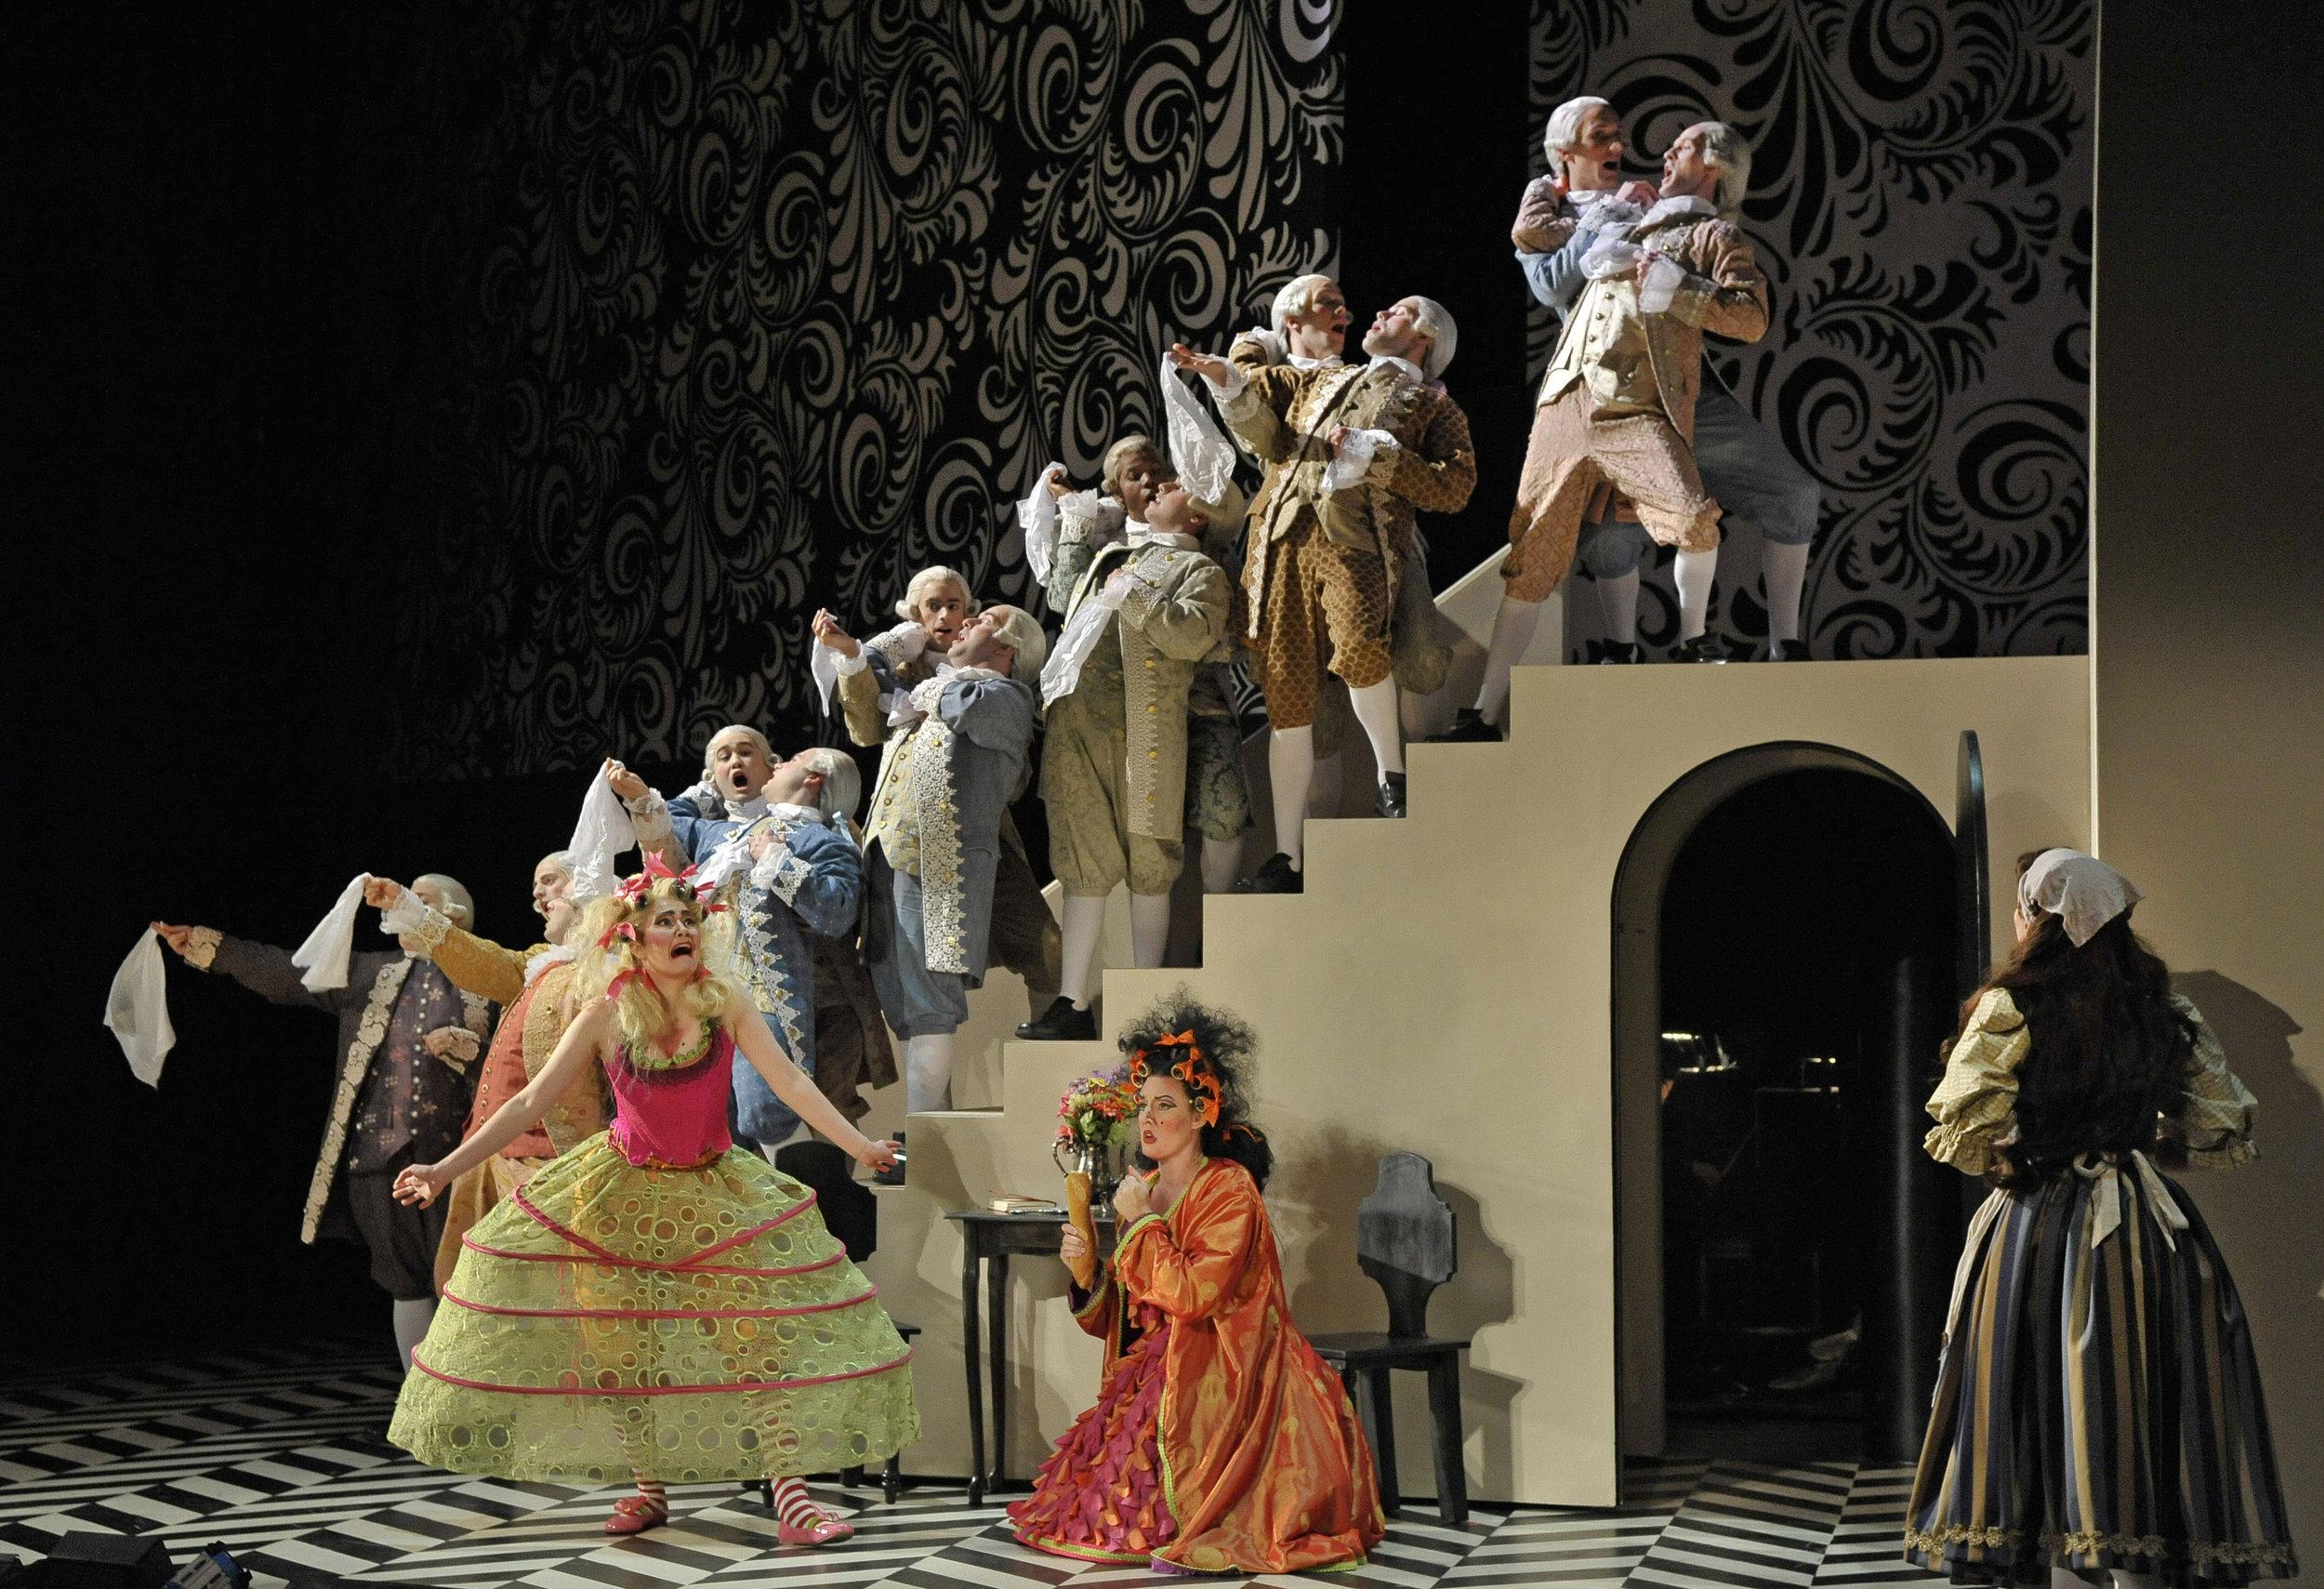 Opera_Saratoga_GG27510.jpg